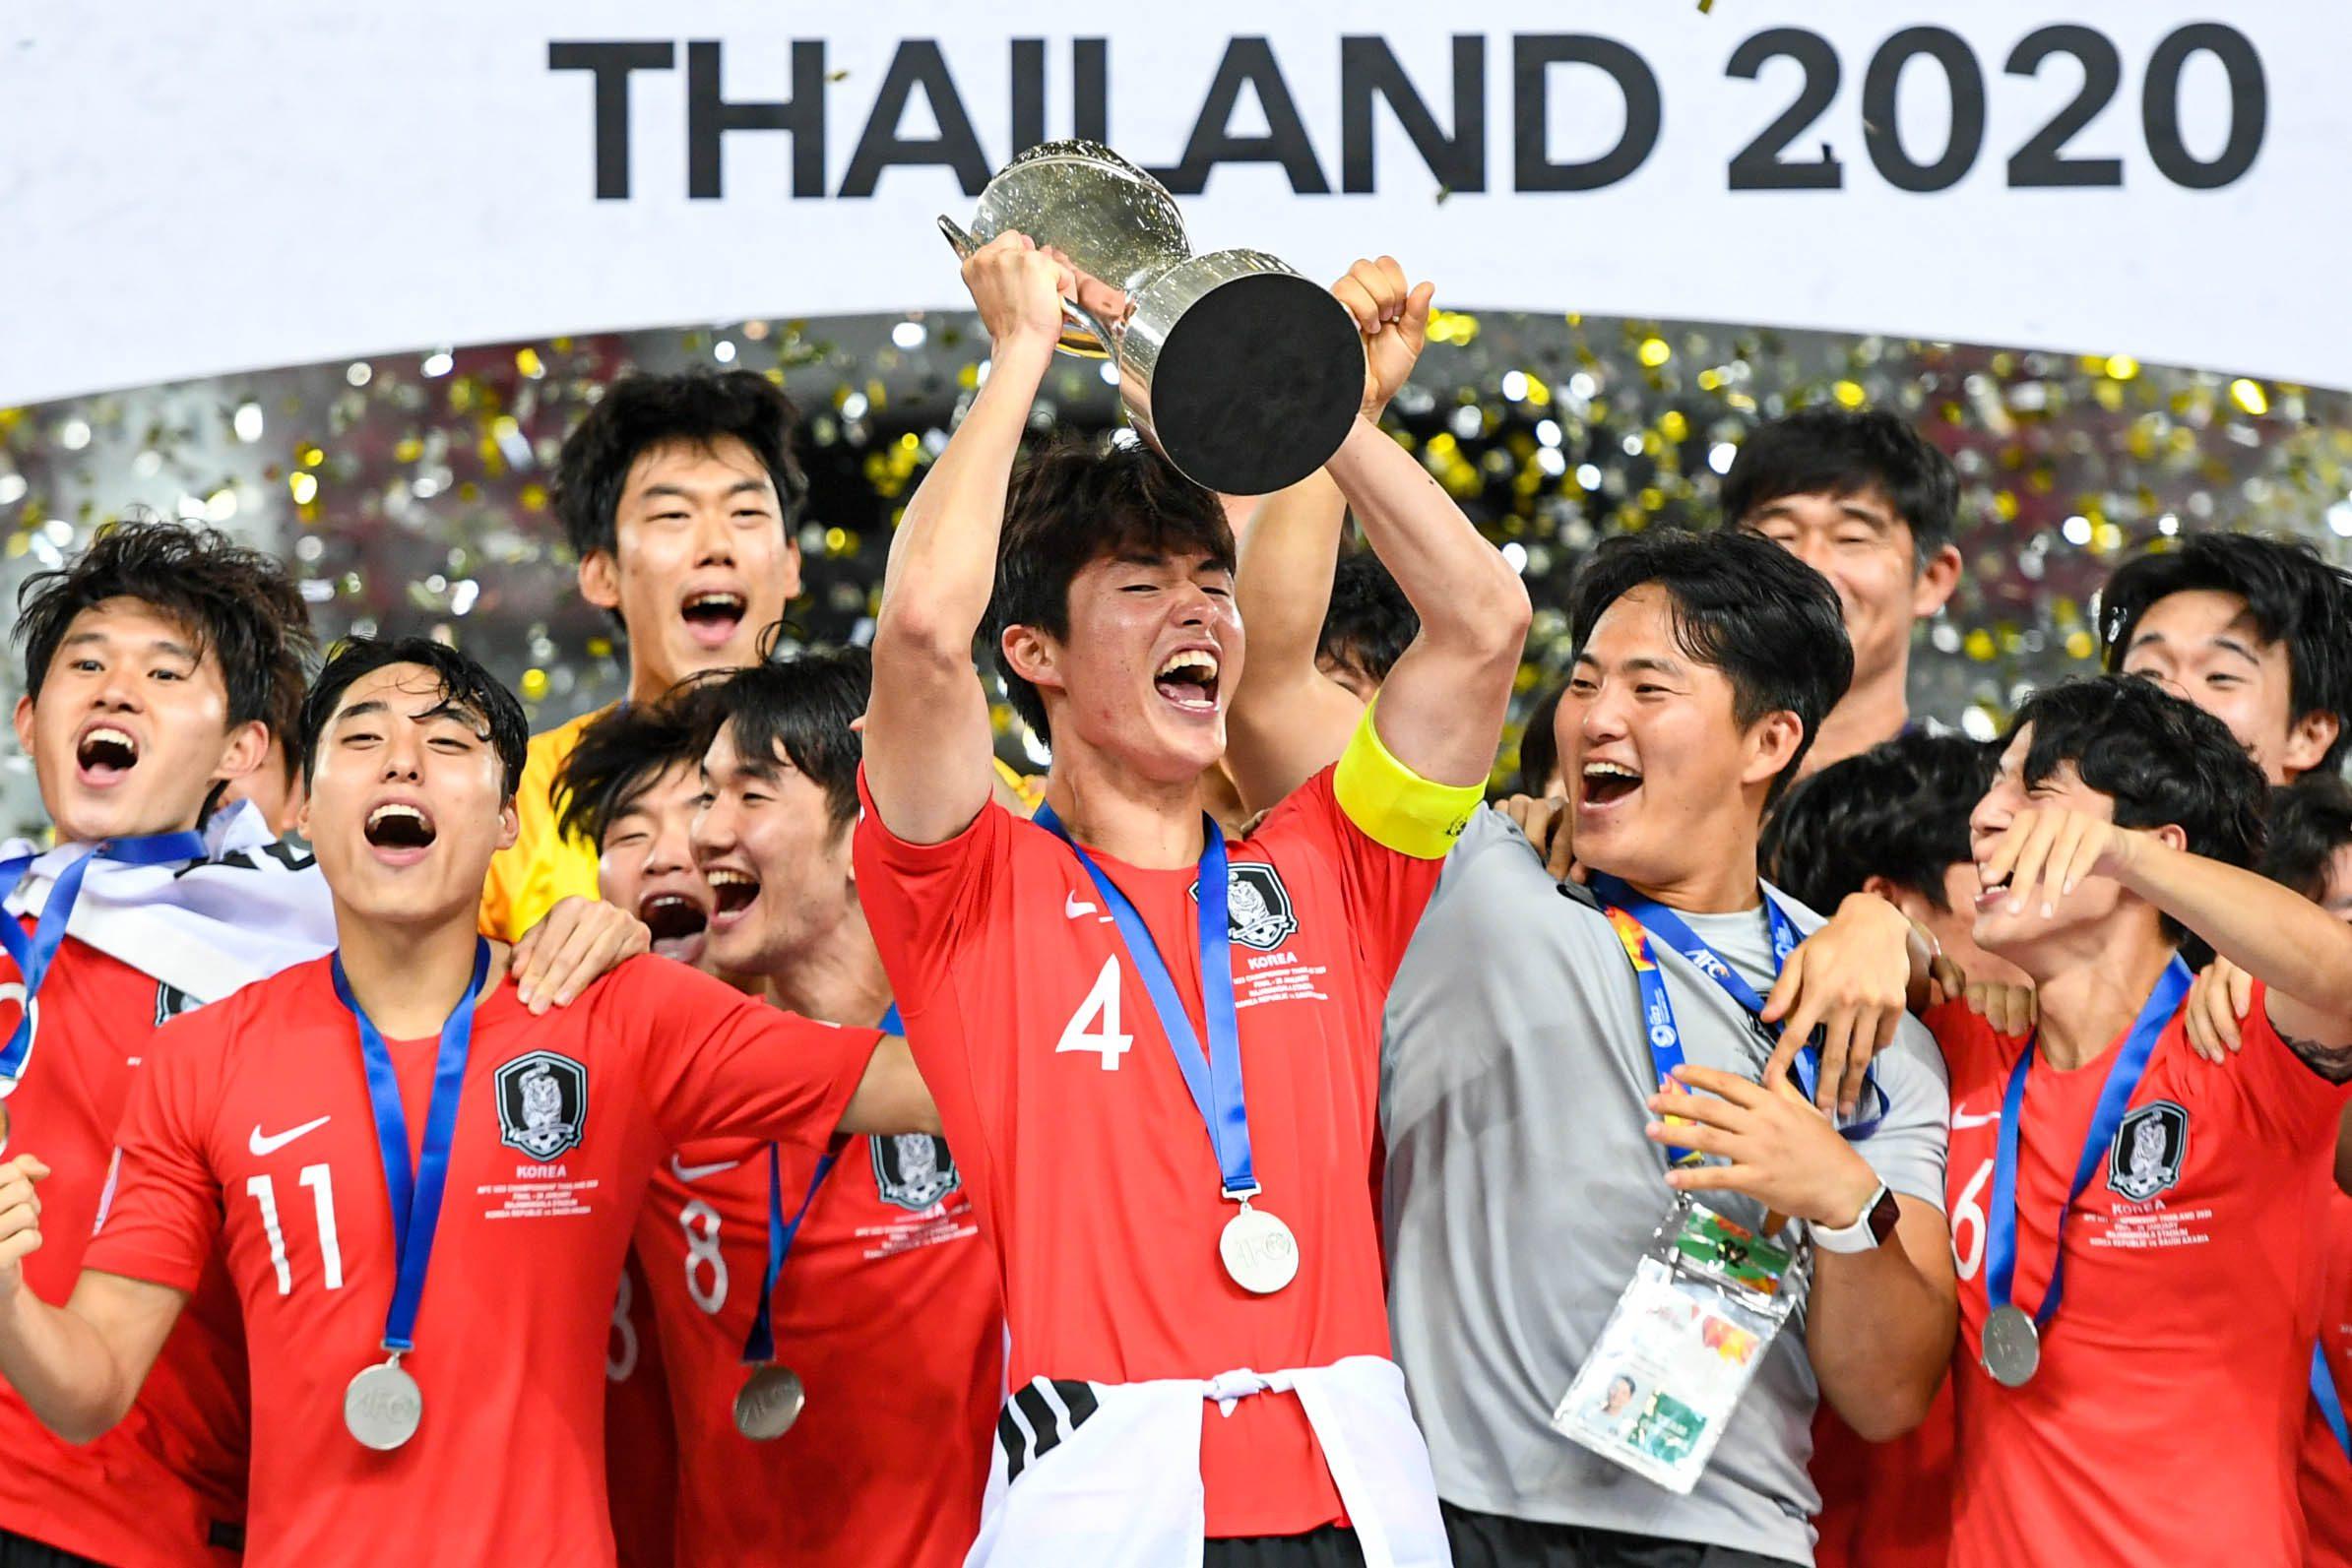 เกาหลีใต้ เฉือน ซาอุฯ ต่อเวลา 1-0 ซิวแชมป์ยู23ที่ไทย